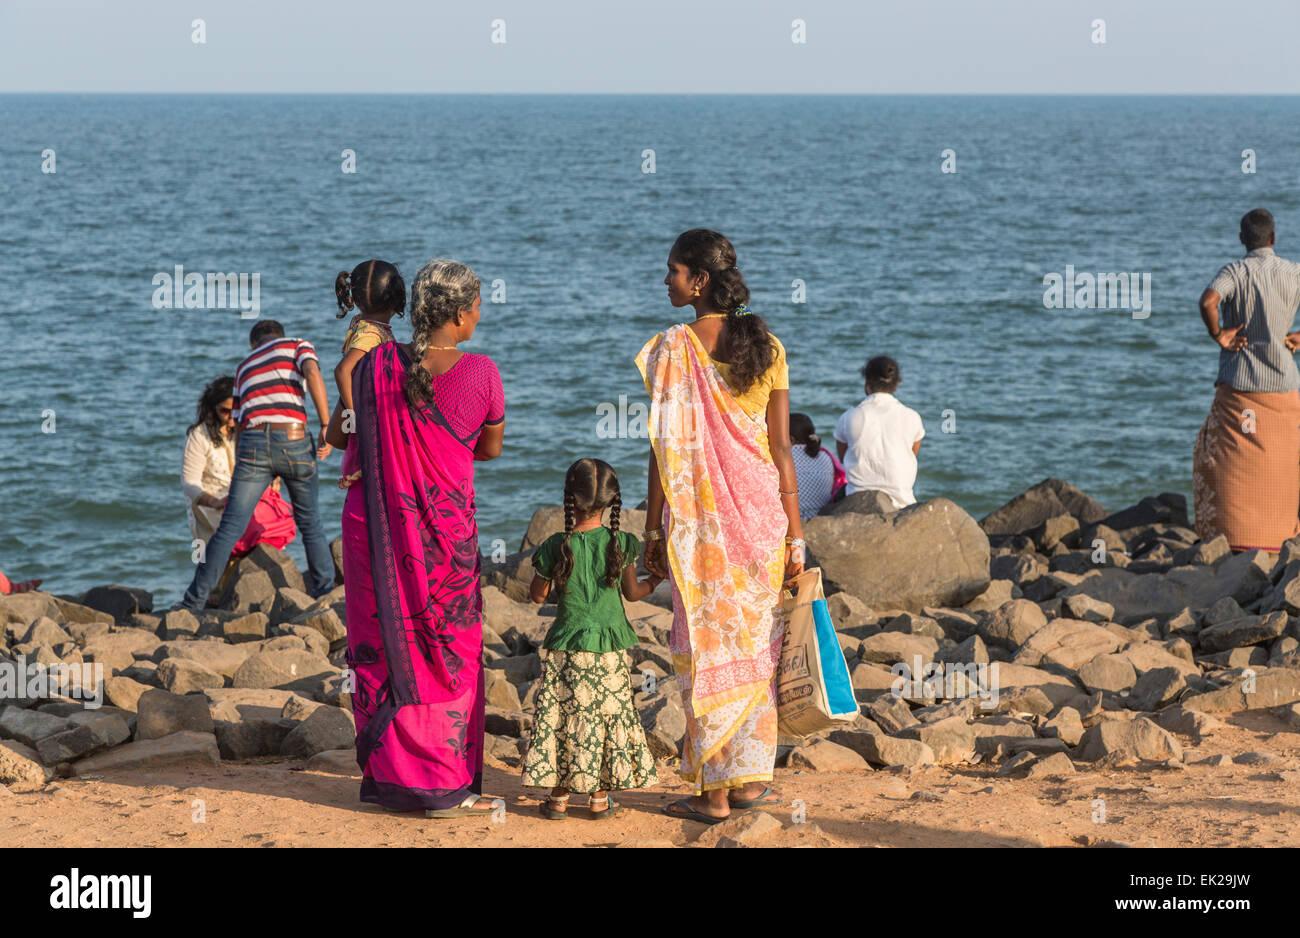 Famille d'Indiens locaux sur la plage à Pondichéry, ou Puducherry, Tamil Nadu, Inde du sud Photo Stock